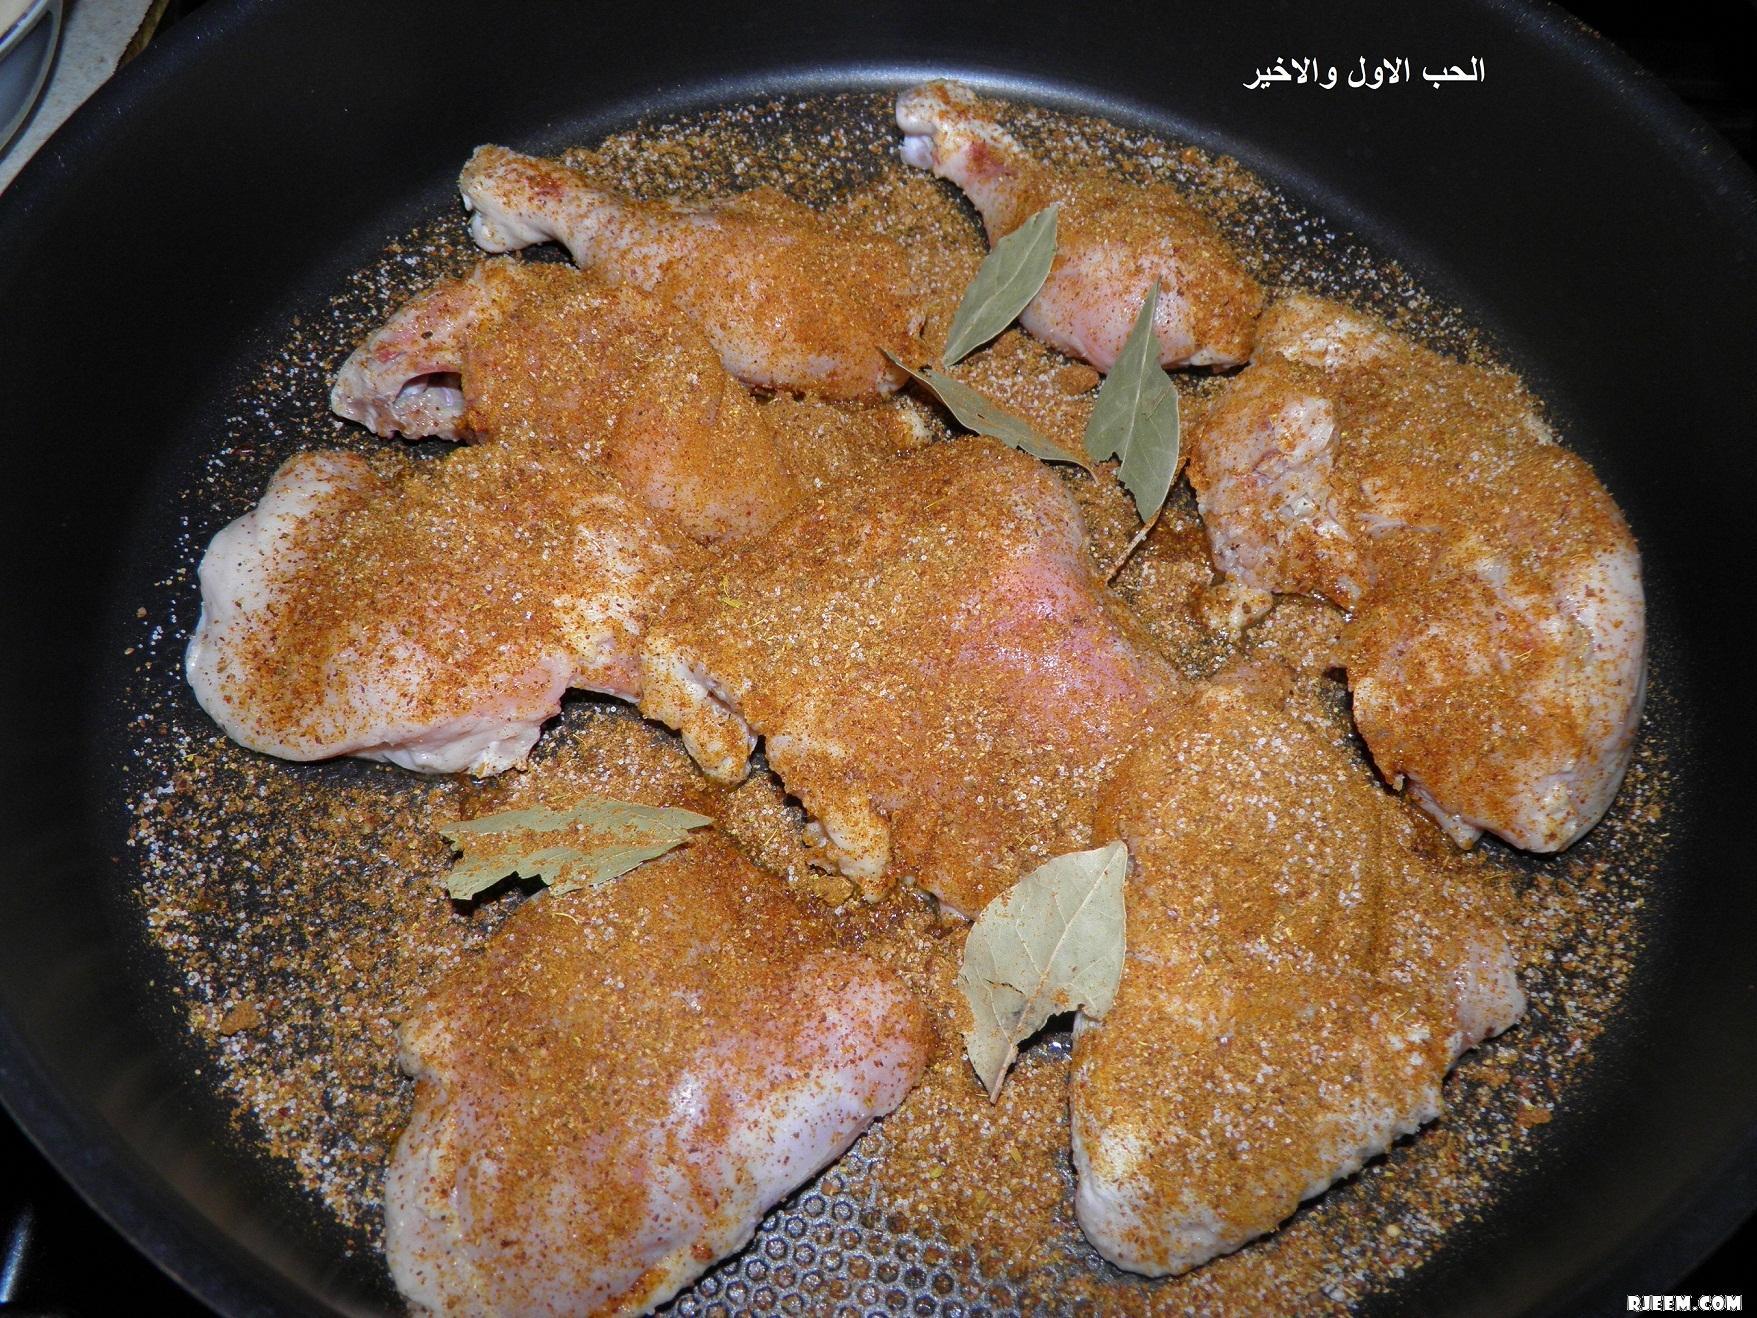 صينية الدجاج بالخضروات من مطبخي 13373258271.jpg